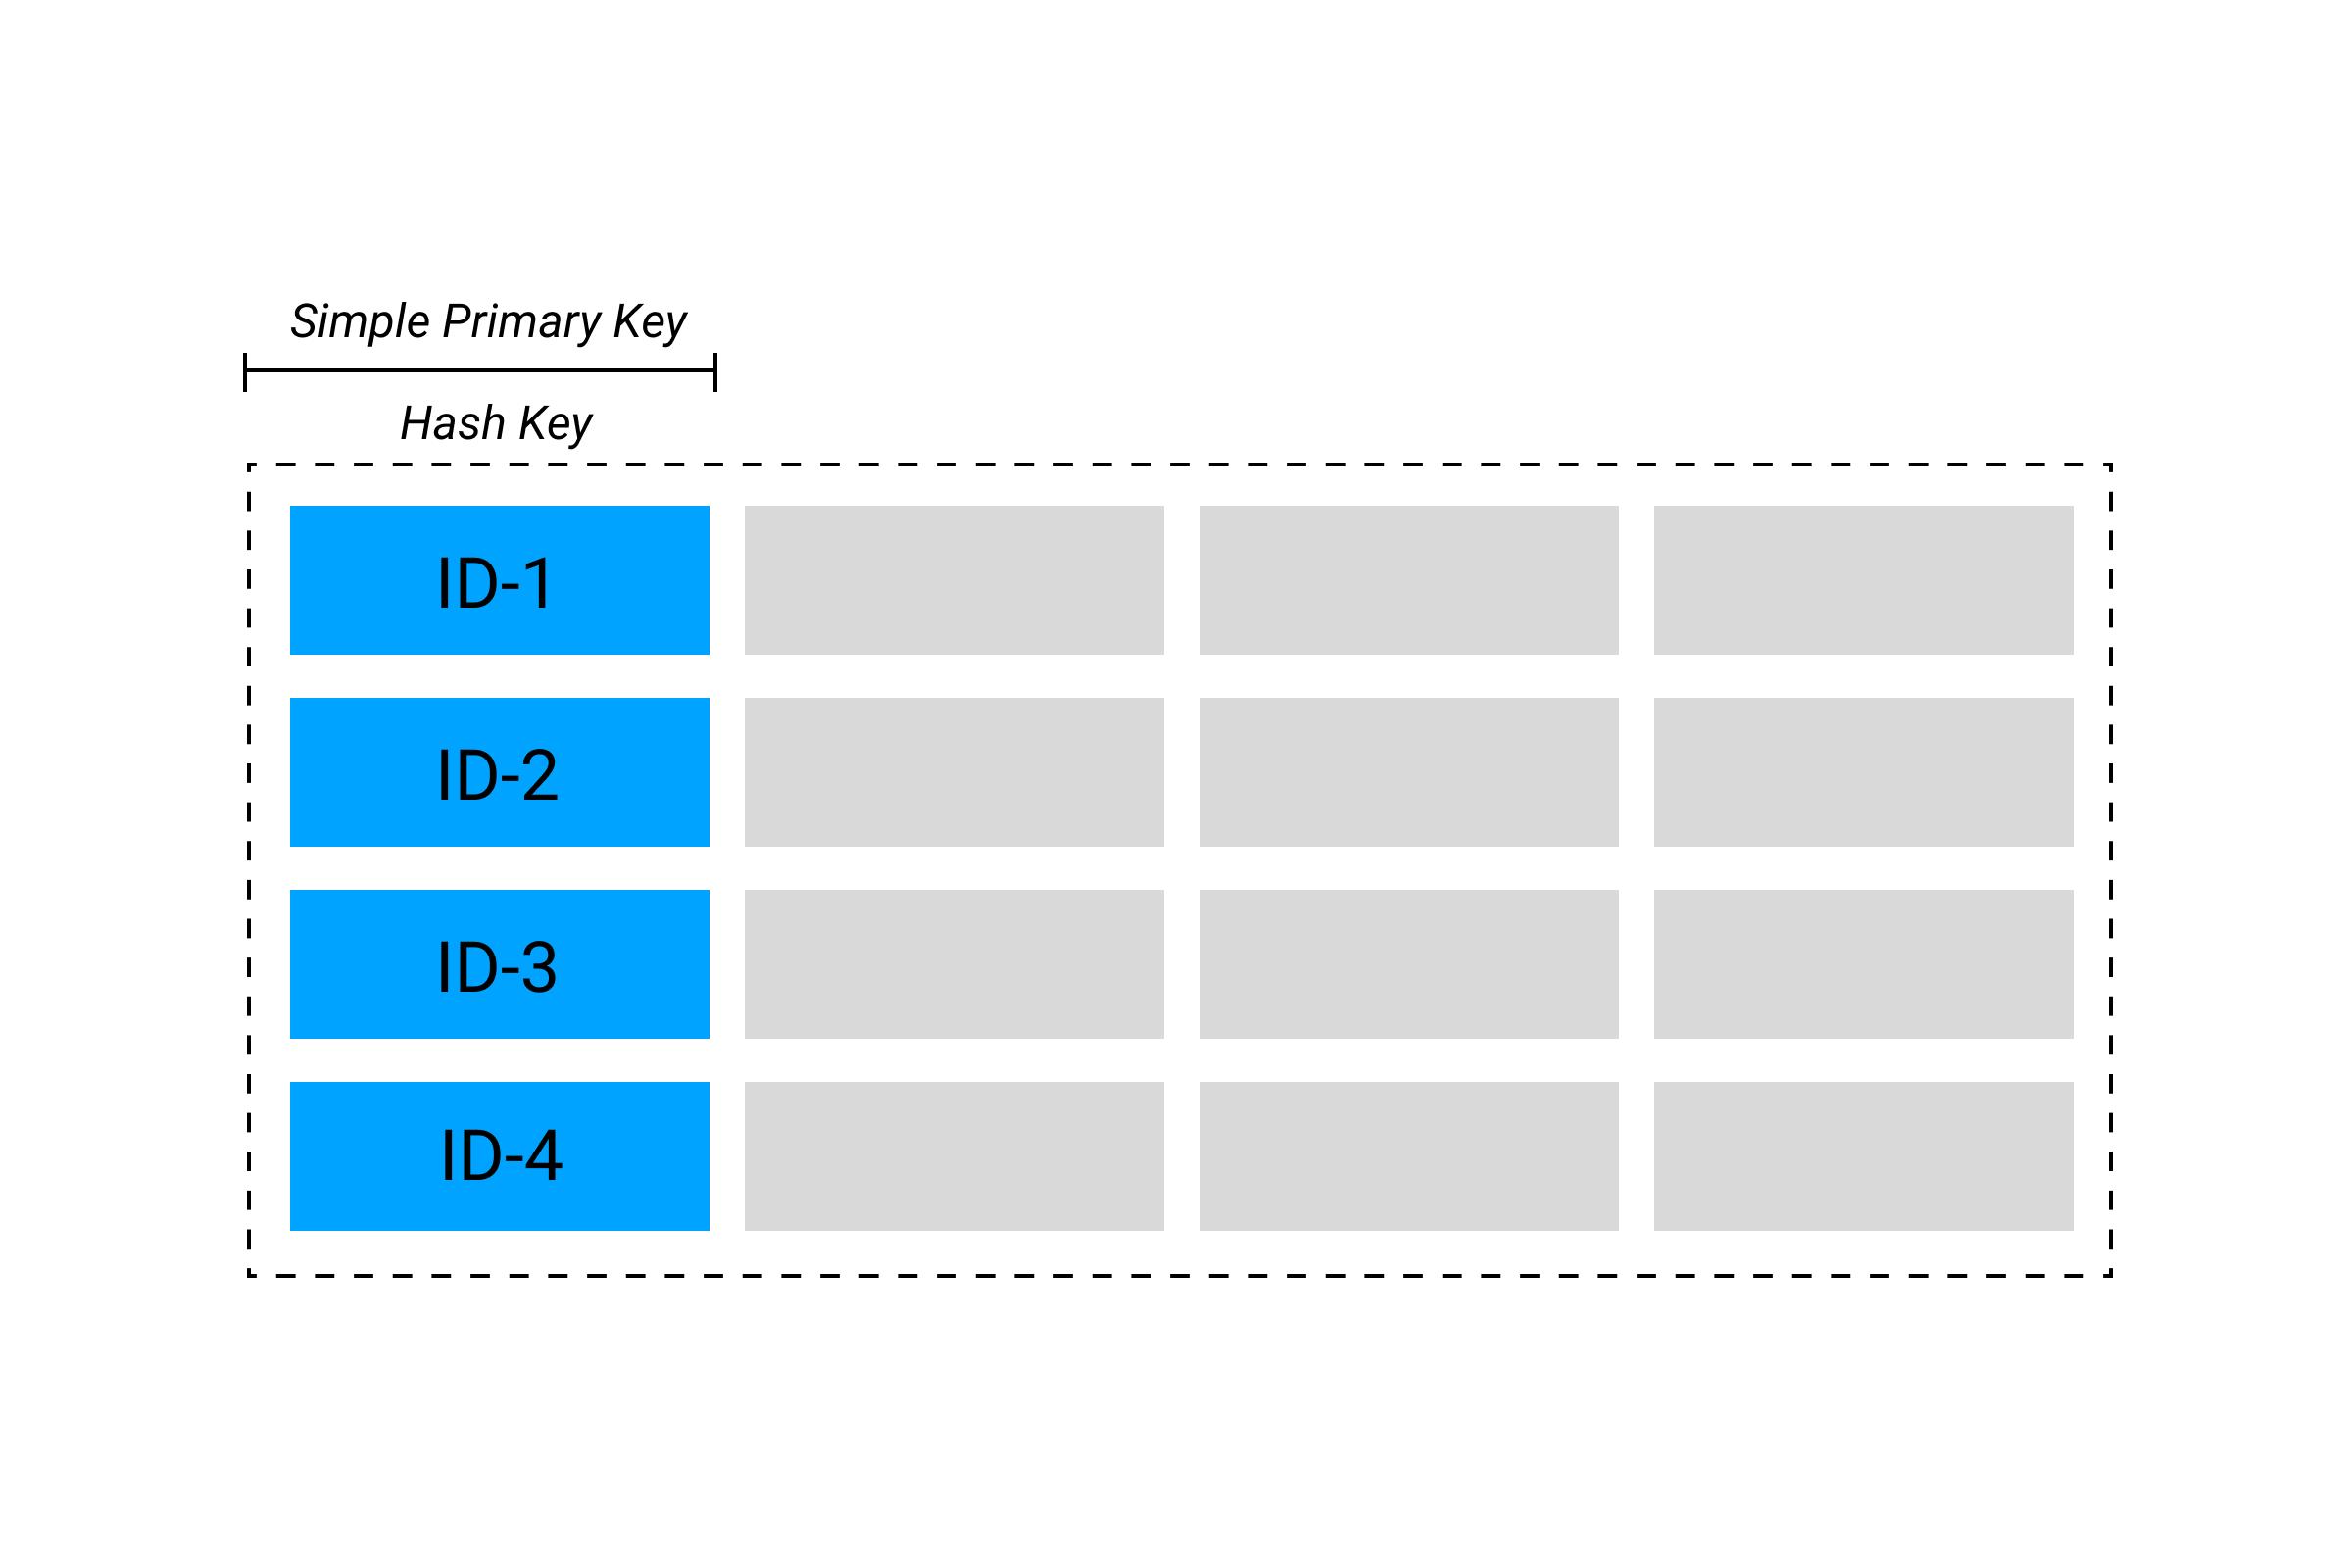 DynamoDB Table with simple key